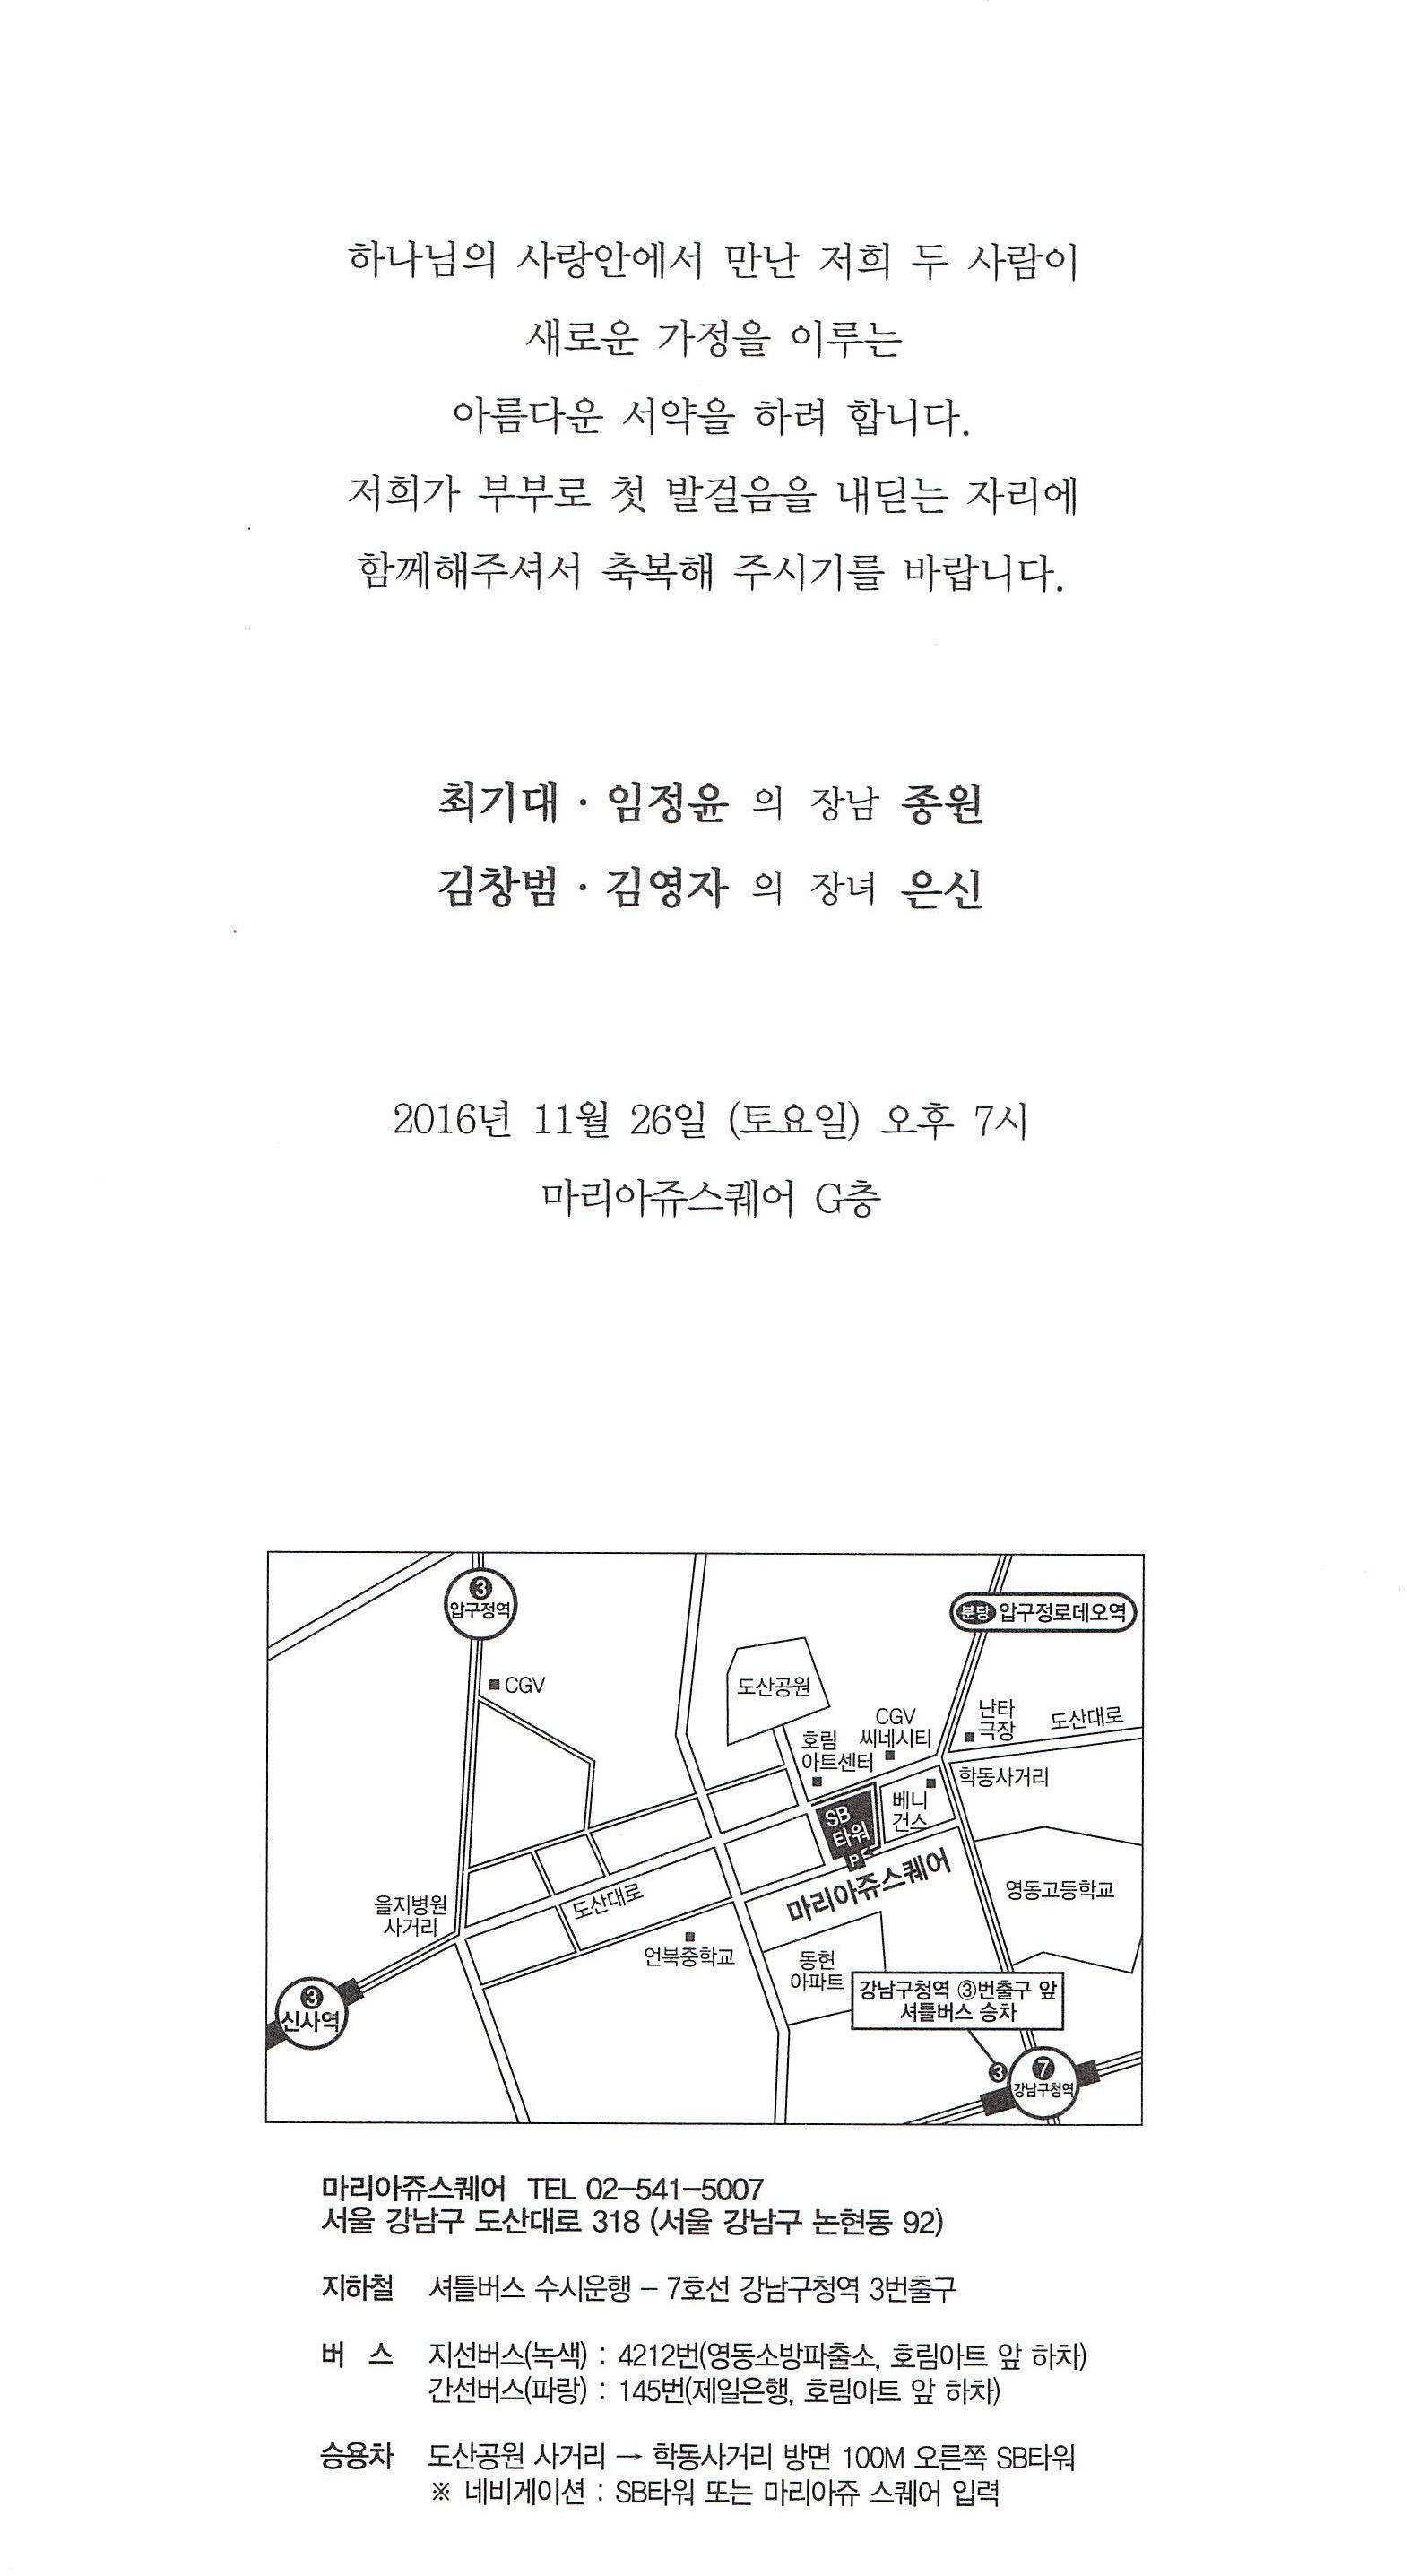 청첩장 스캔 (1).JPG